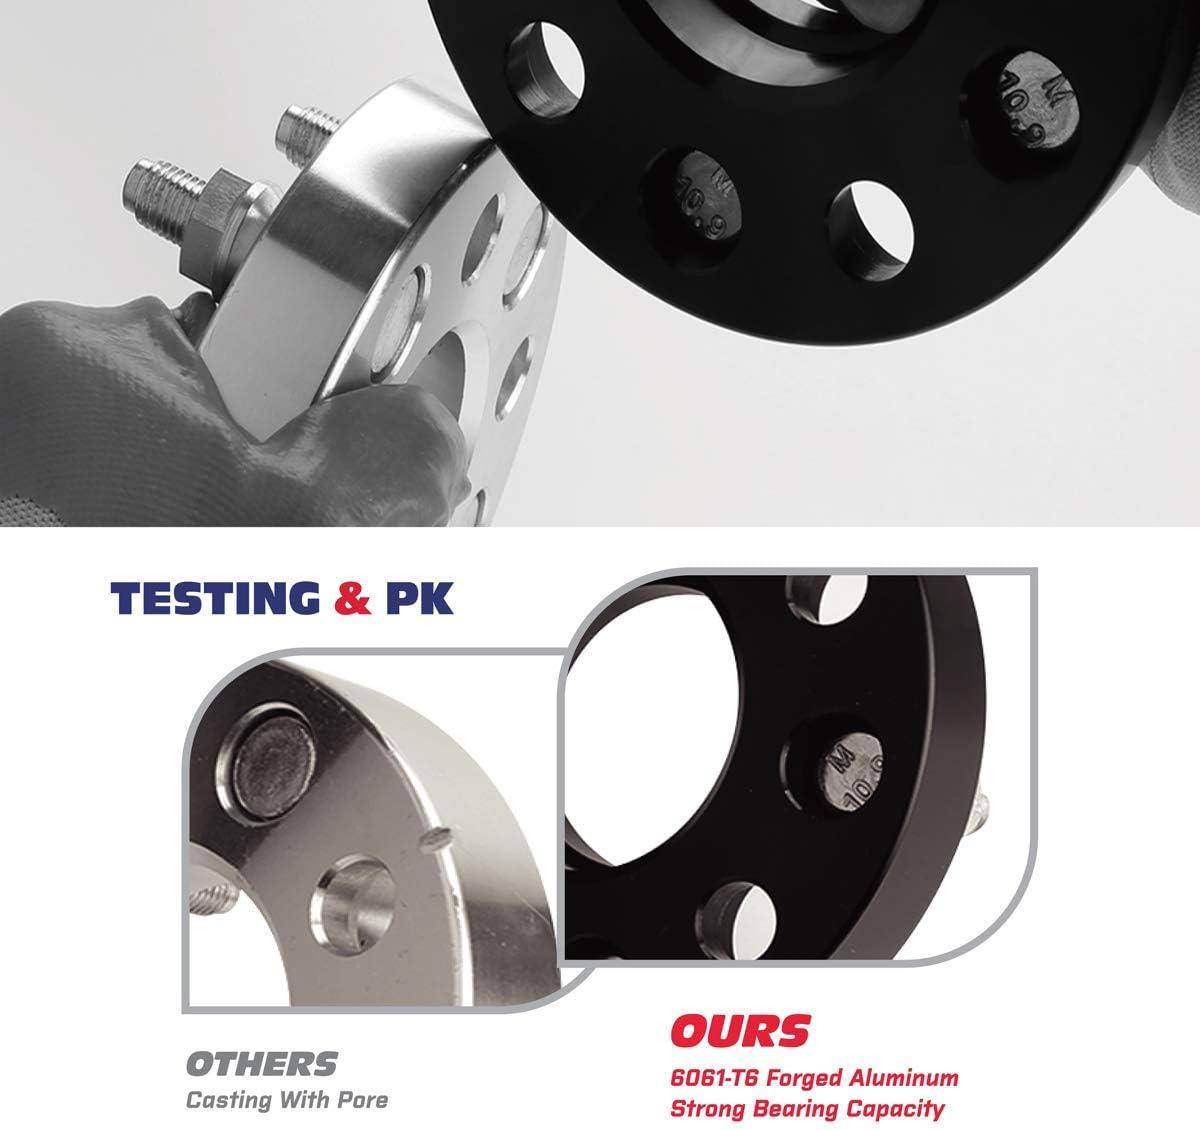 Separadores De Rueda Para Civic Mk7 Tipo R EP3 1 par 20mm Hubcentric Aleación 5x114.3 67.1